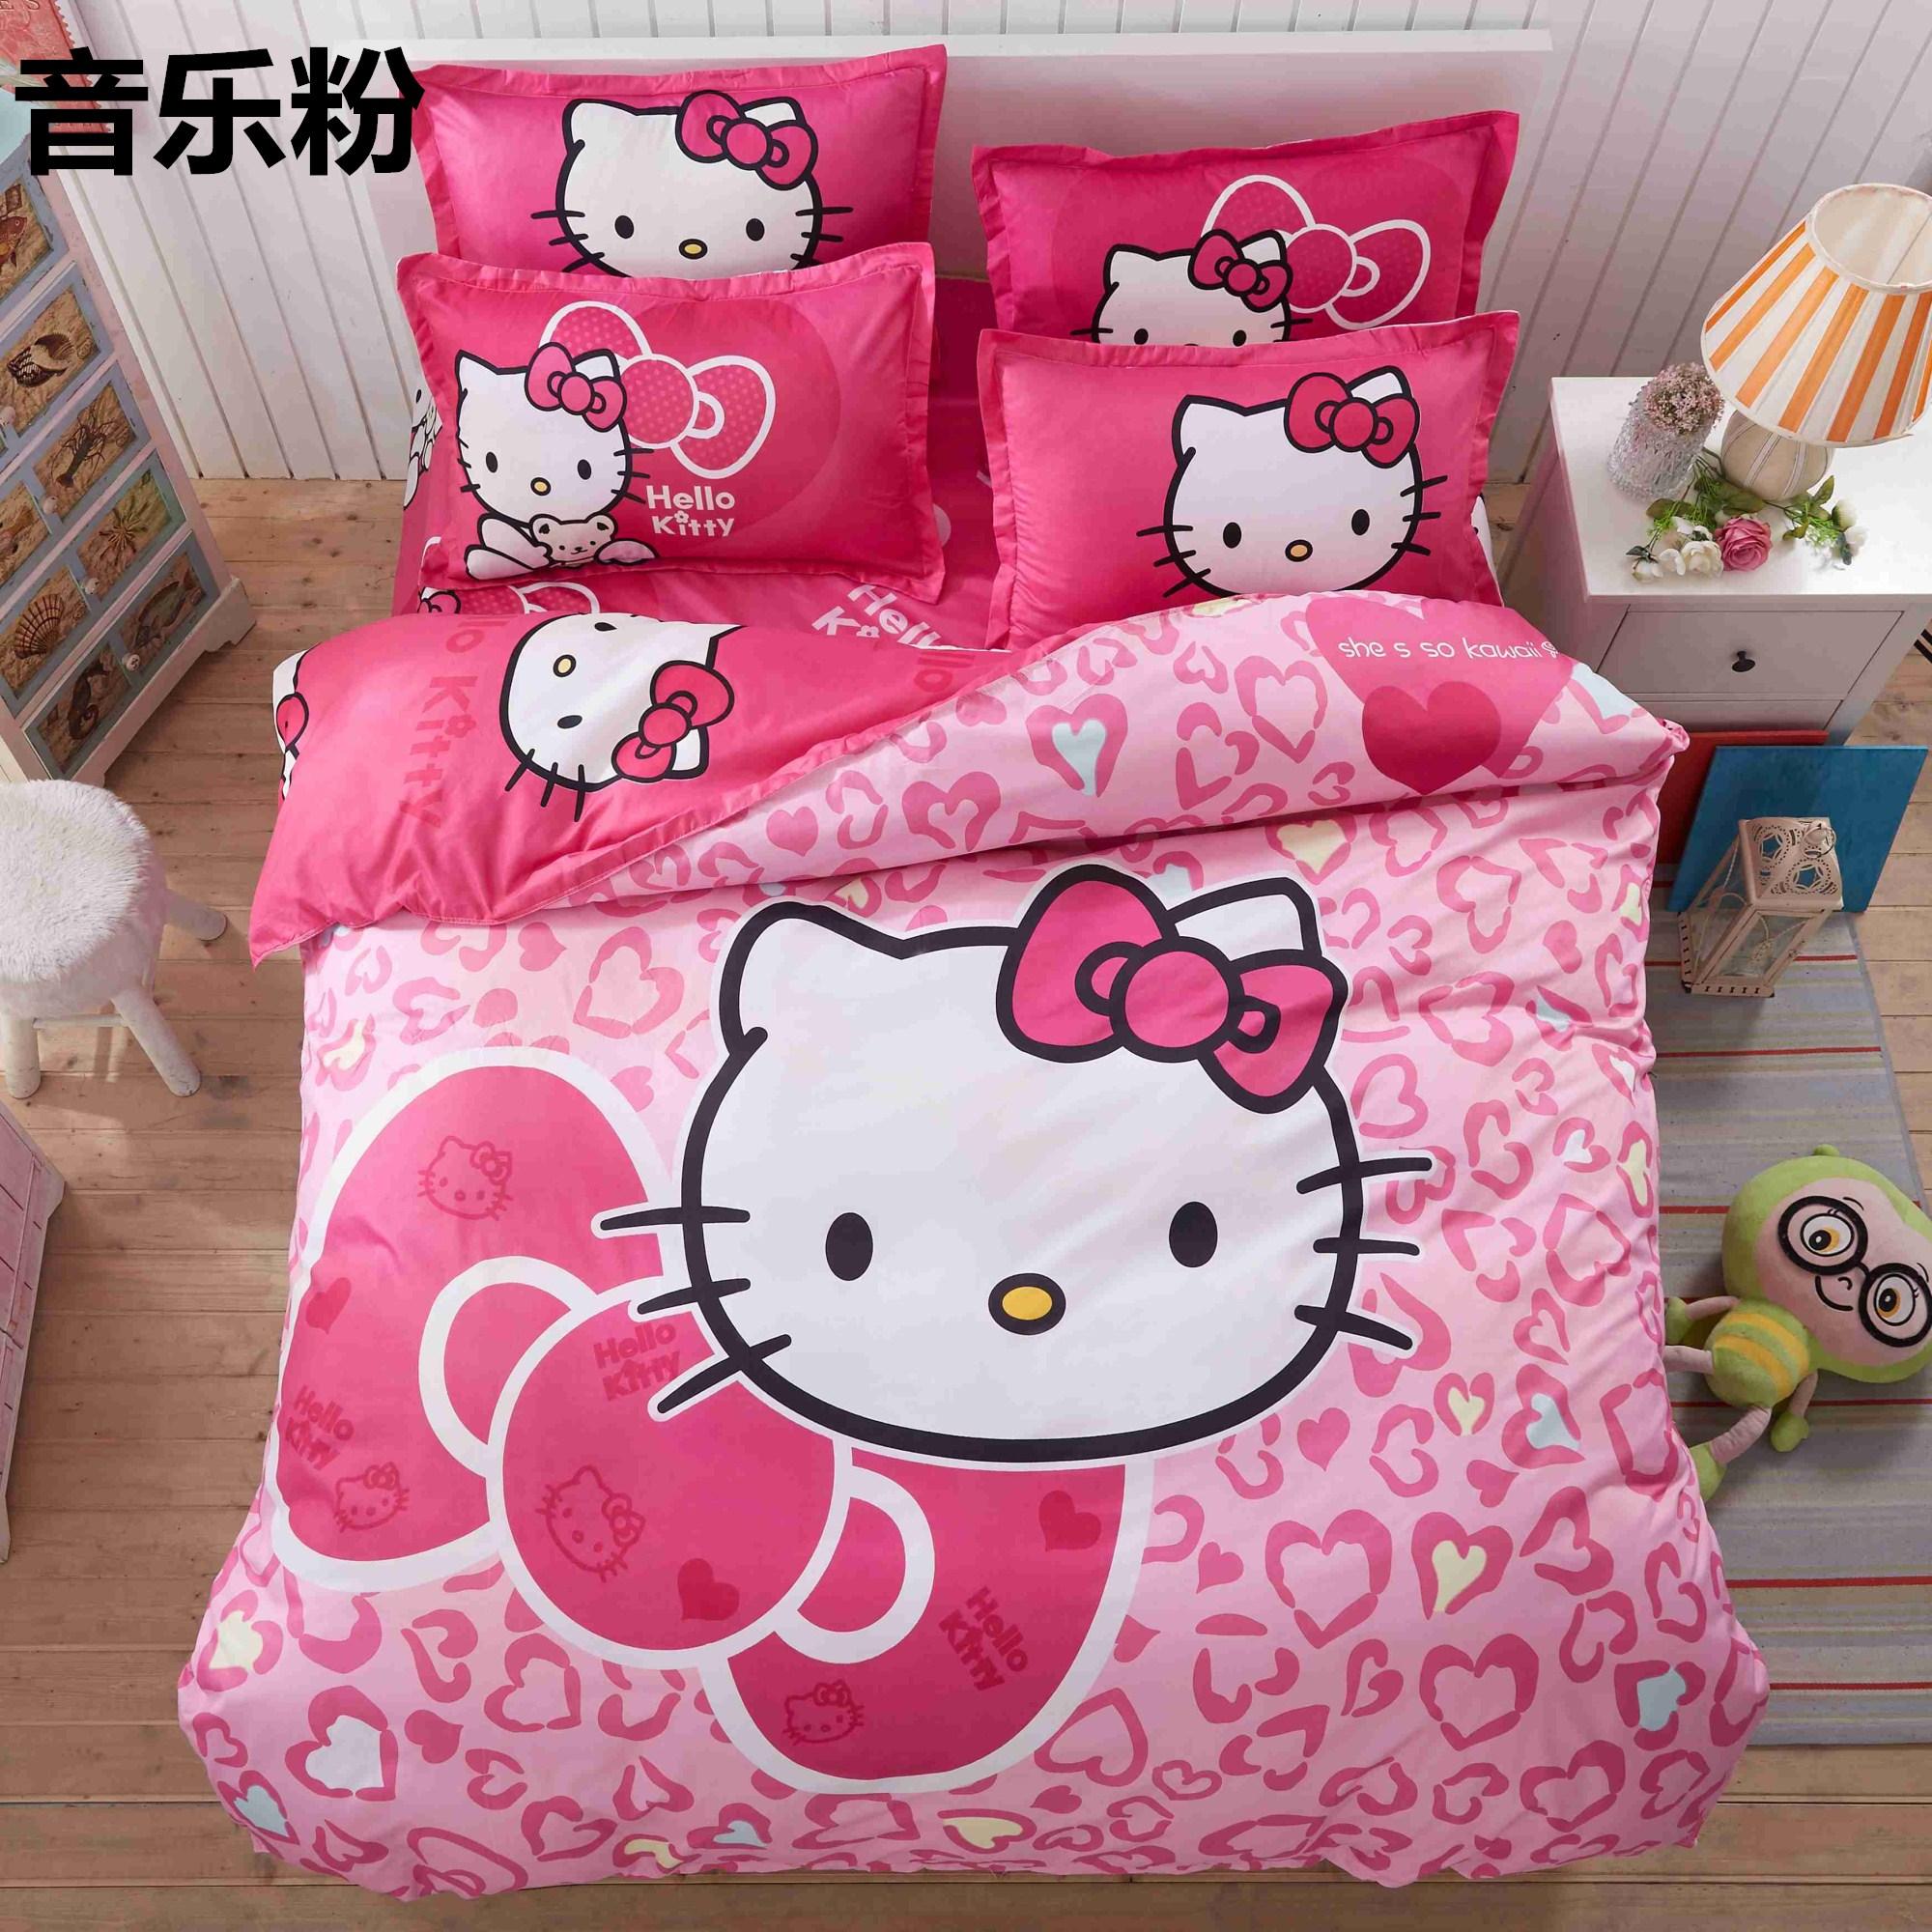 Hello Kitty Juego de Cama de Dibujos Animados Juego de Cama de Algodón Textiles